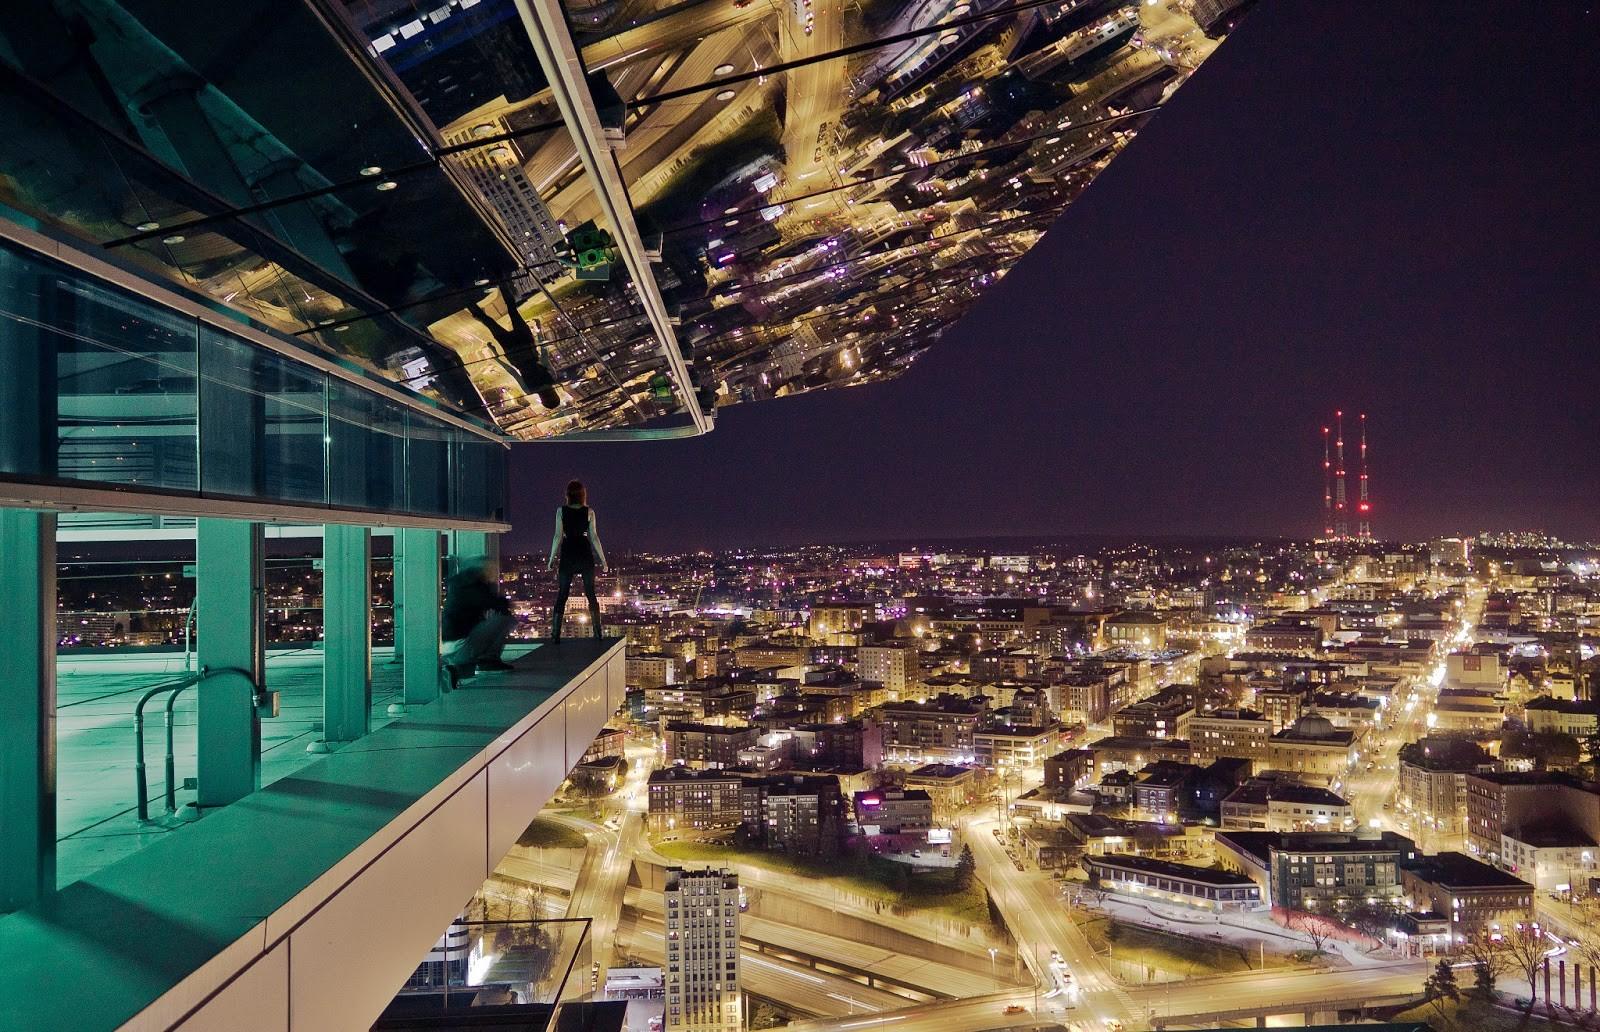 Картинки города ночью на крыше